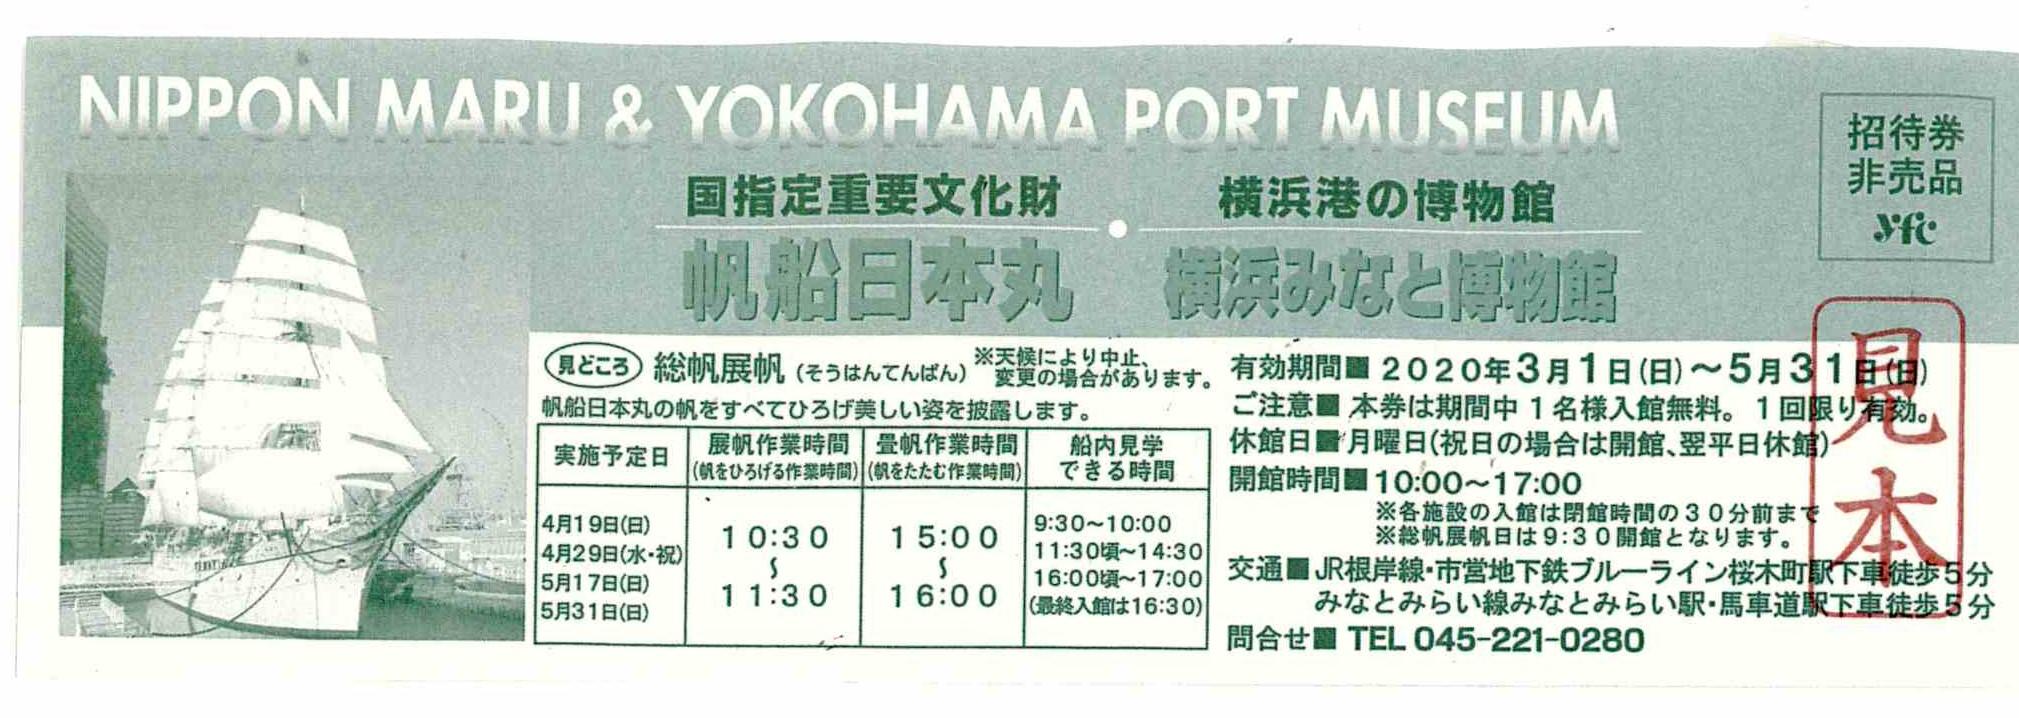 読売新聞招待券